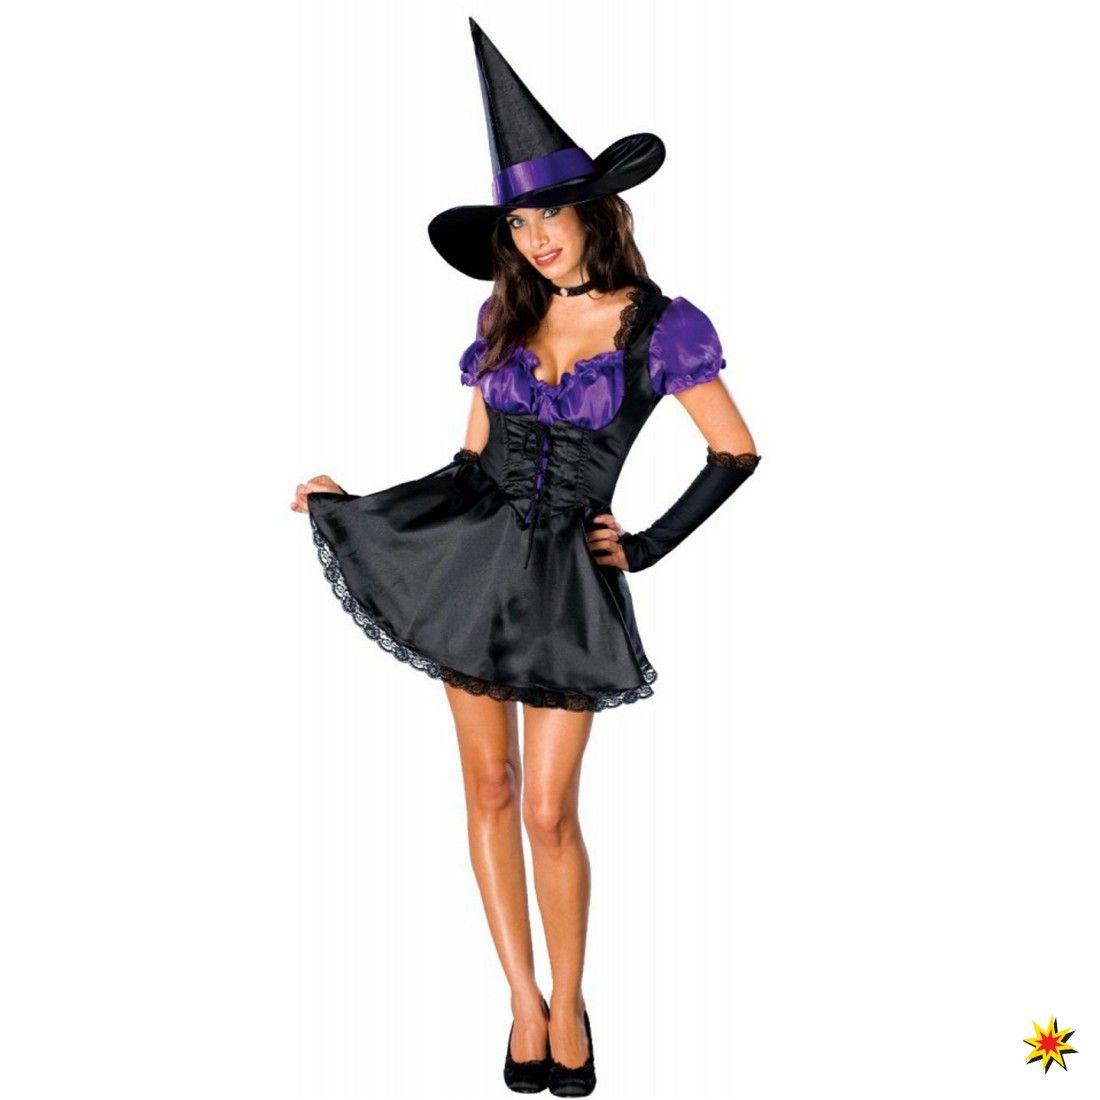 Halloween Kostüme - Geister, Zombiers, Skelette uvm ...